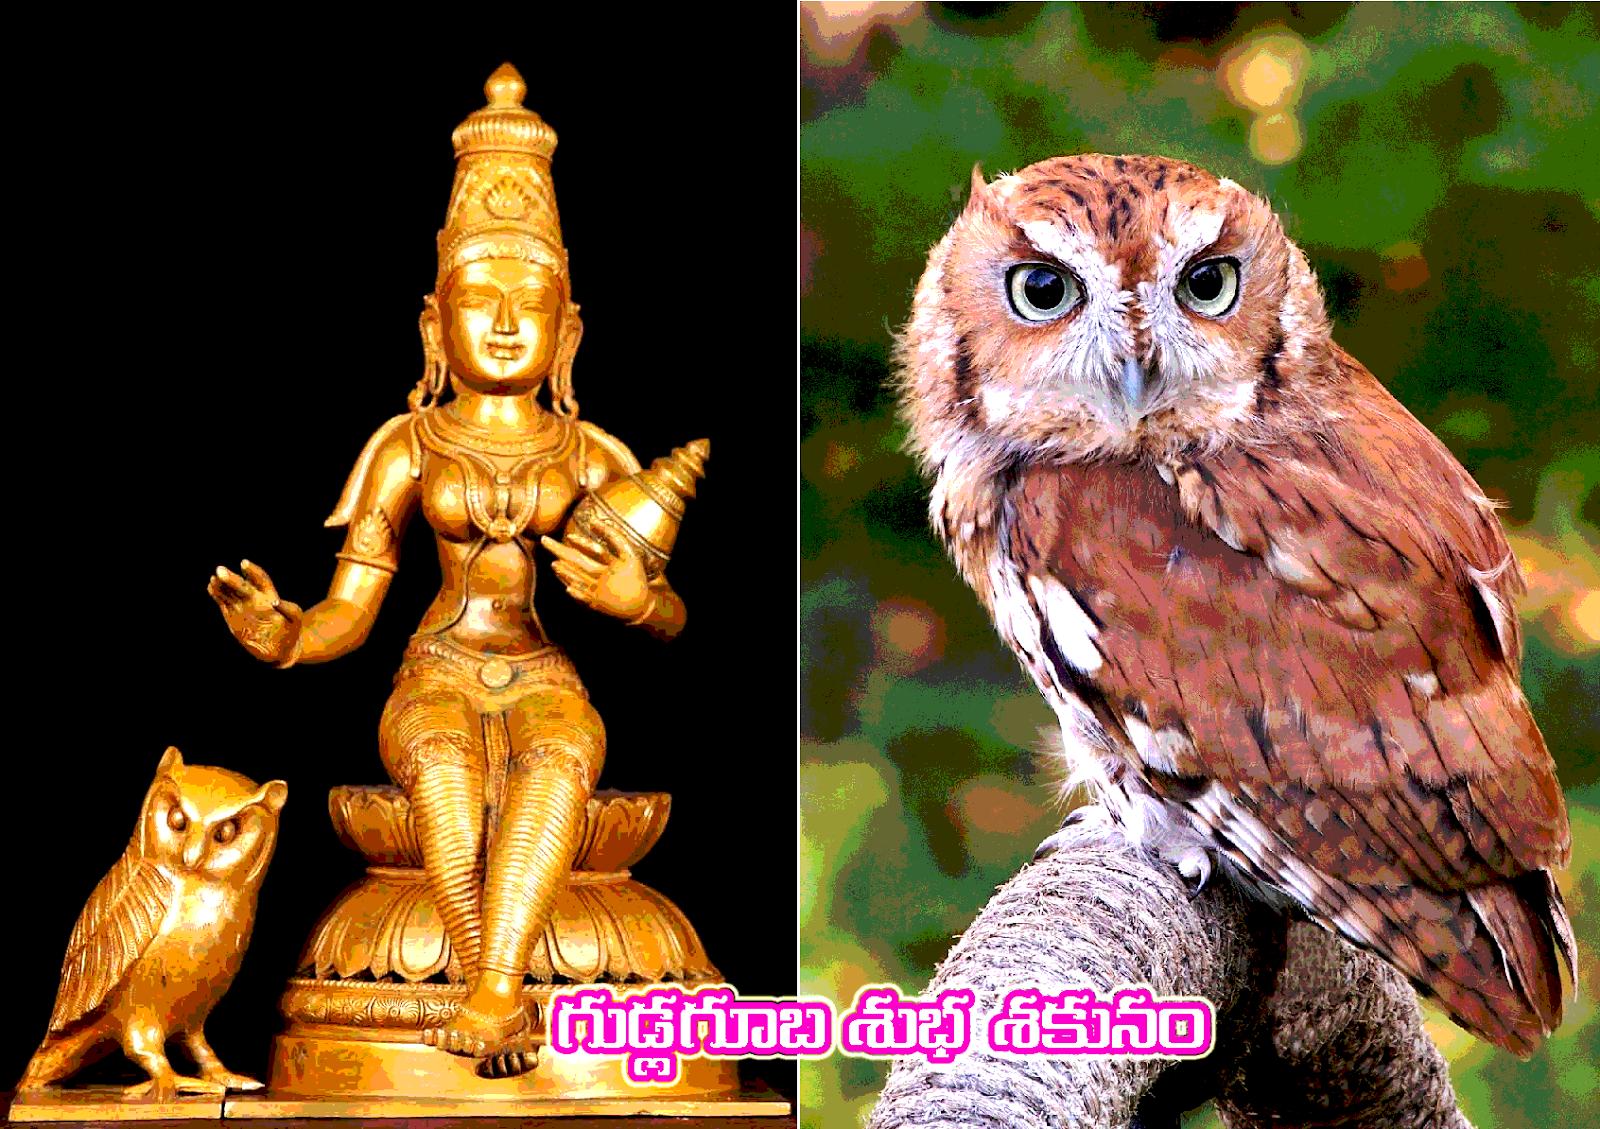 గుడ్లగూబ శుభ శకునం - Gudlaguba Shuba sakunam